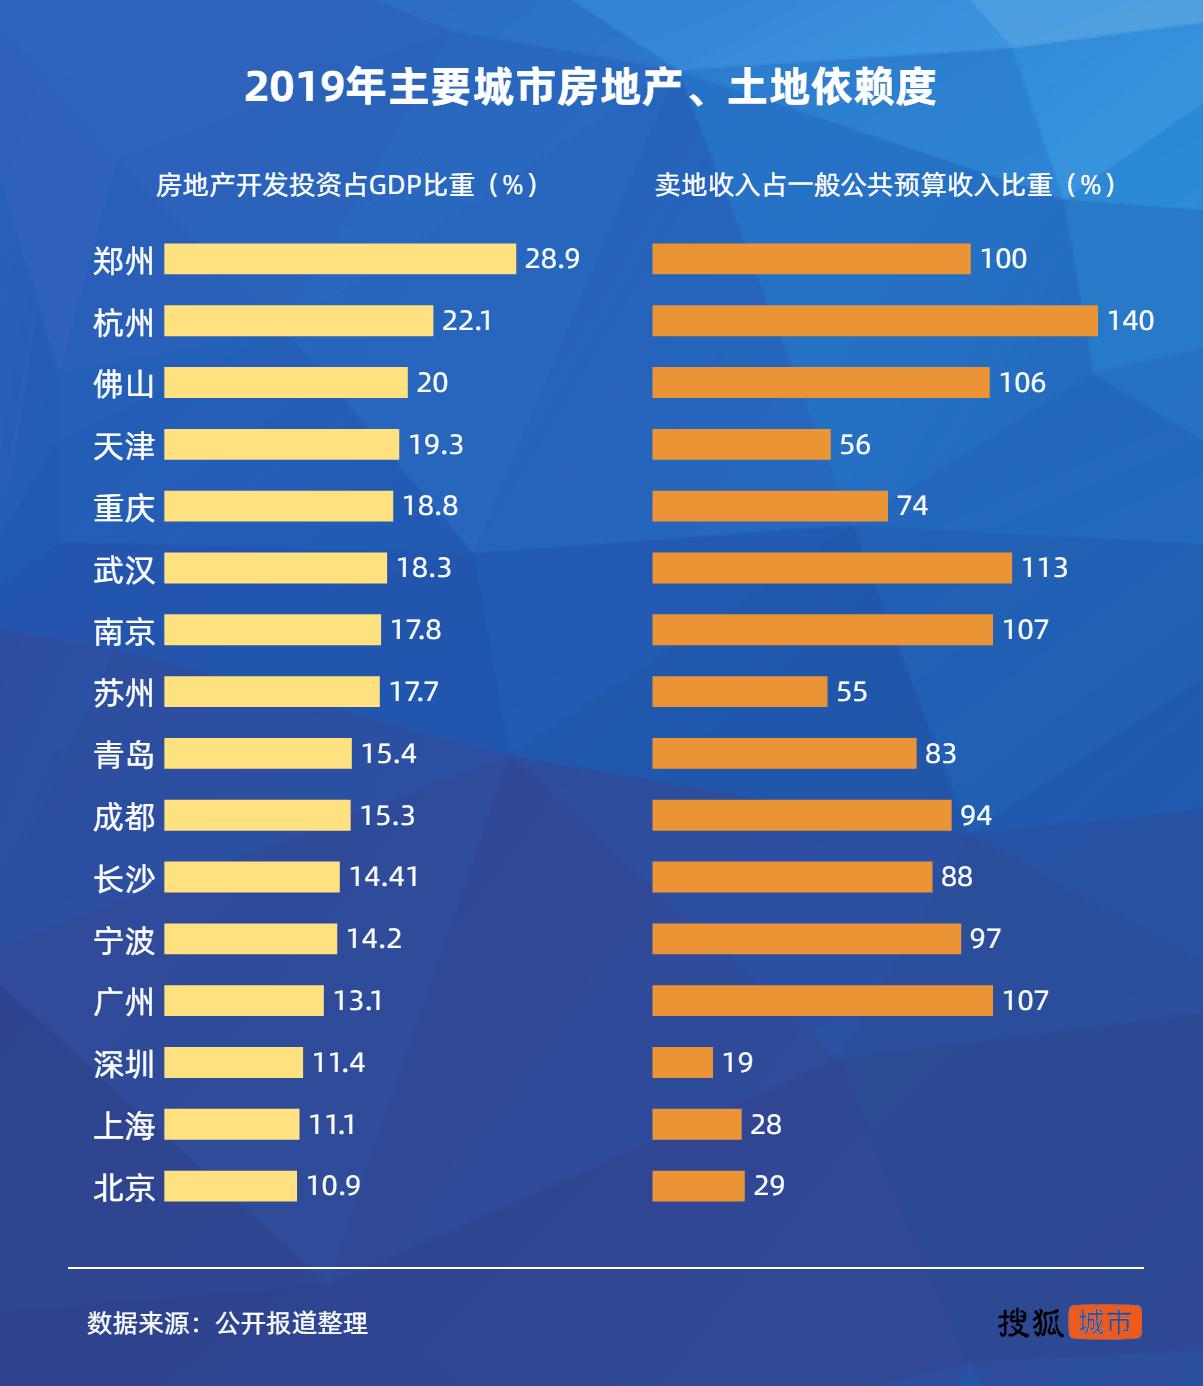 产业结构暗藏隐忧,郑州如何实现蝶变?